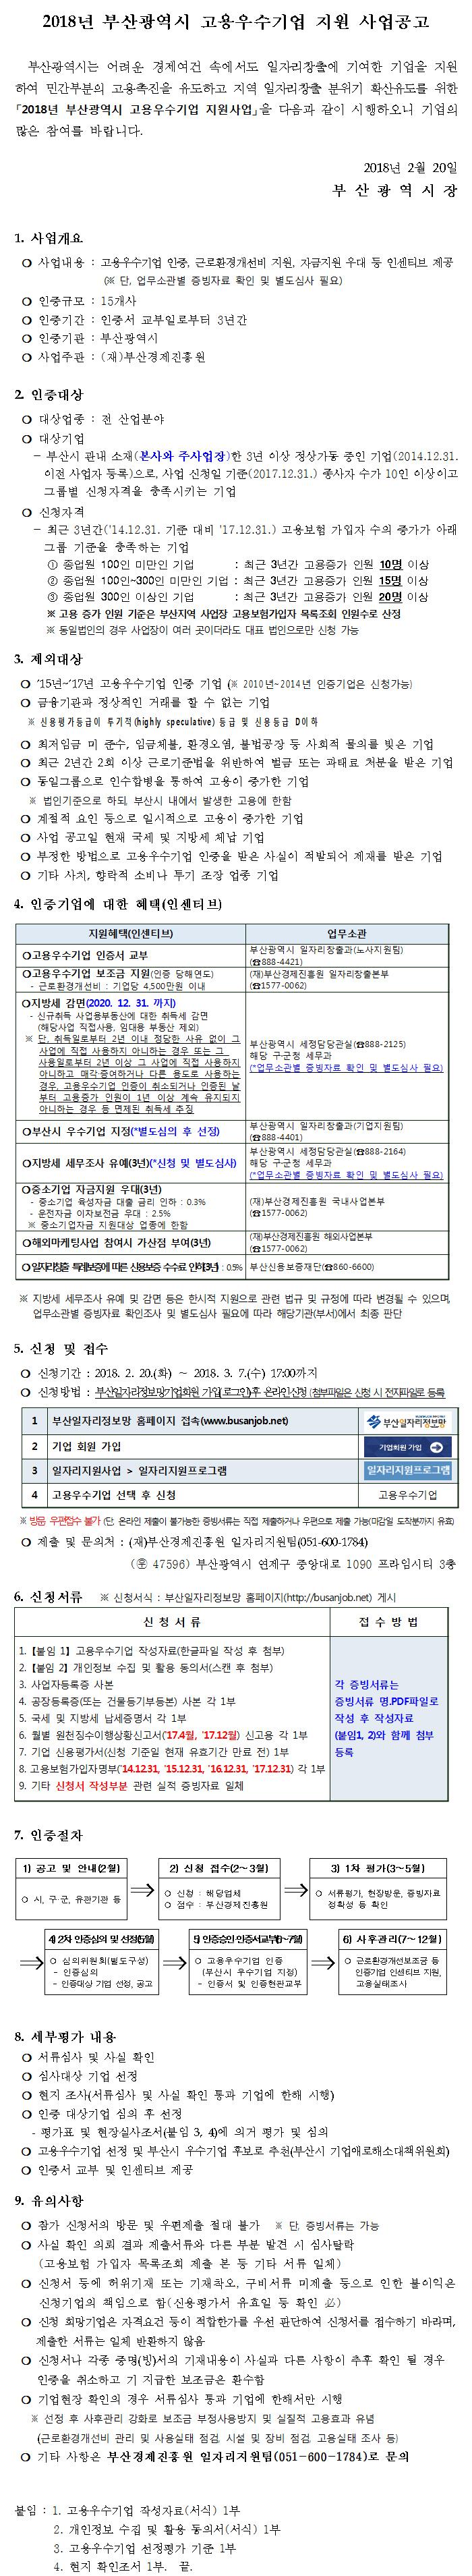 2018년 부산광역시 고용우수기업 지원 사업공고